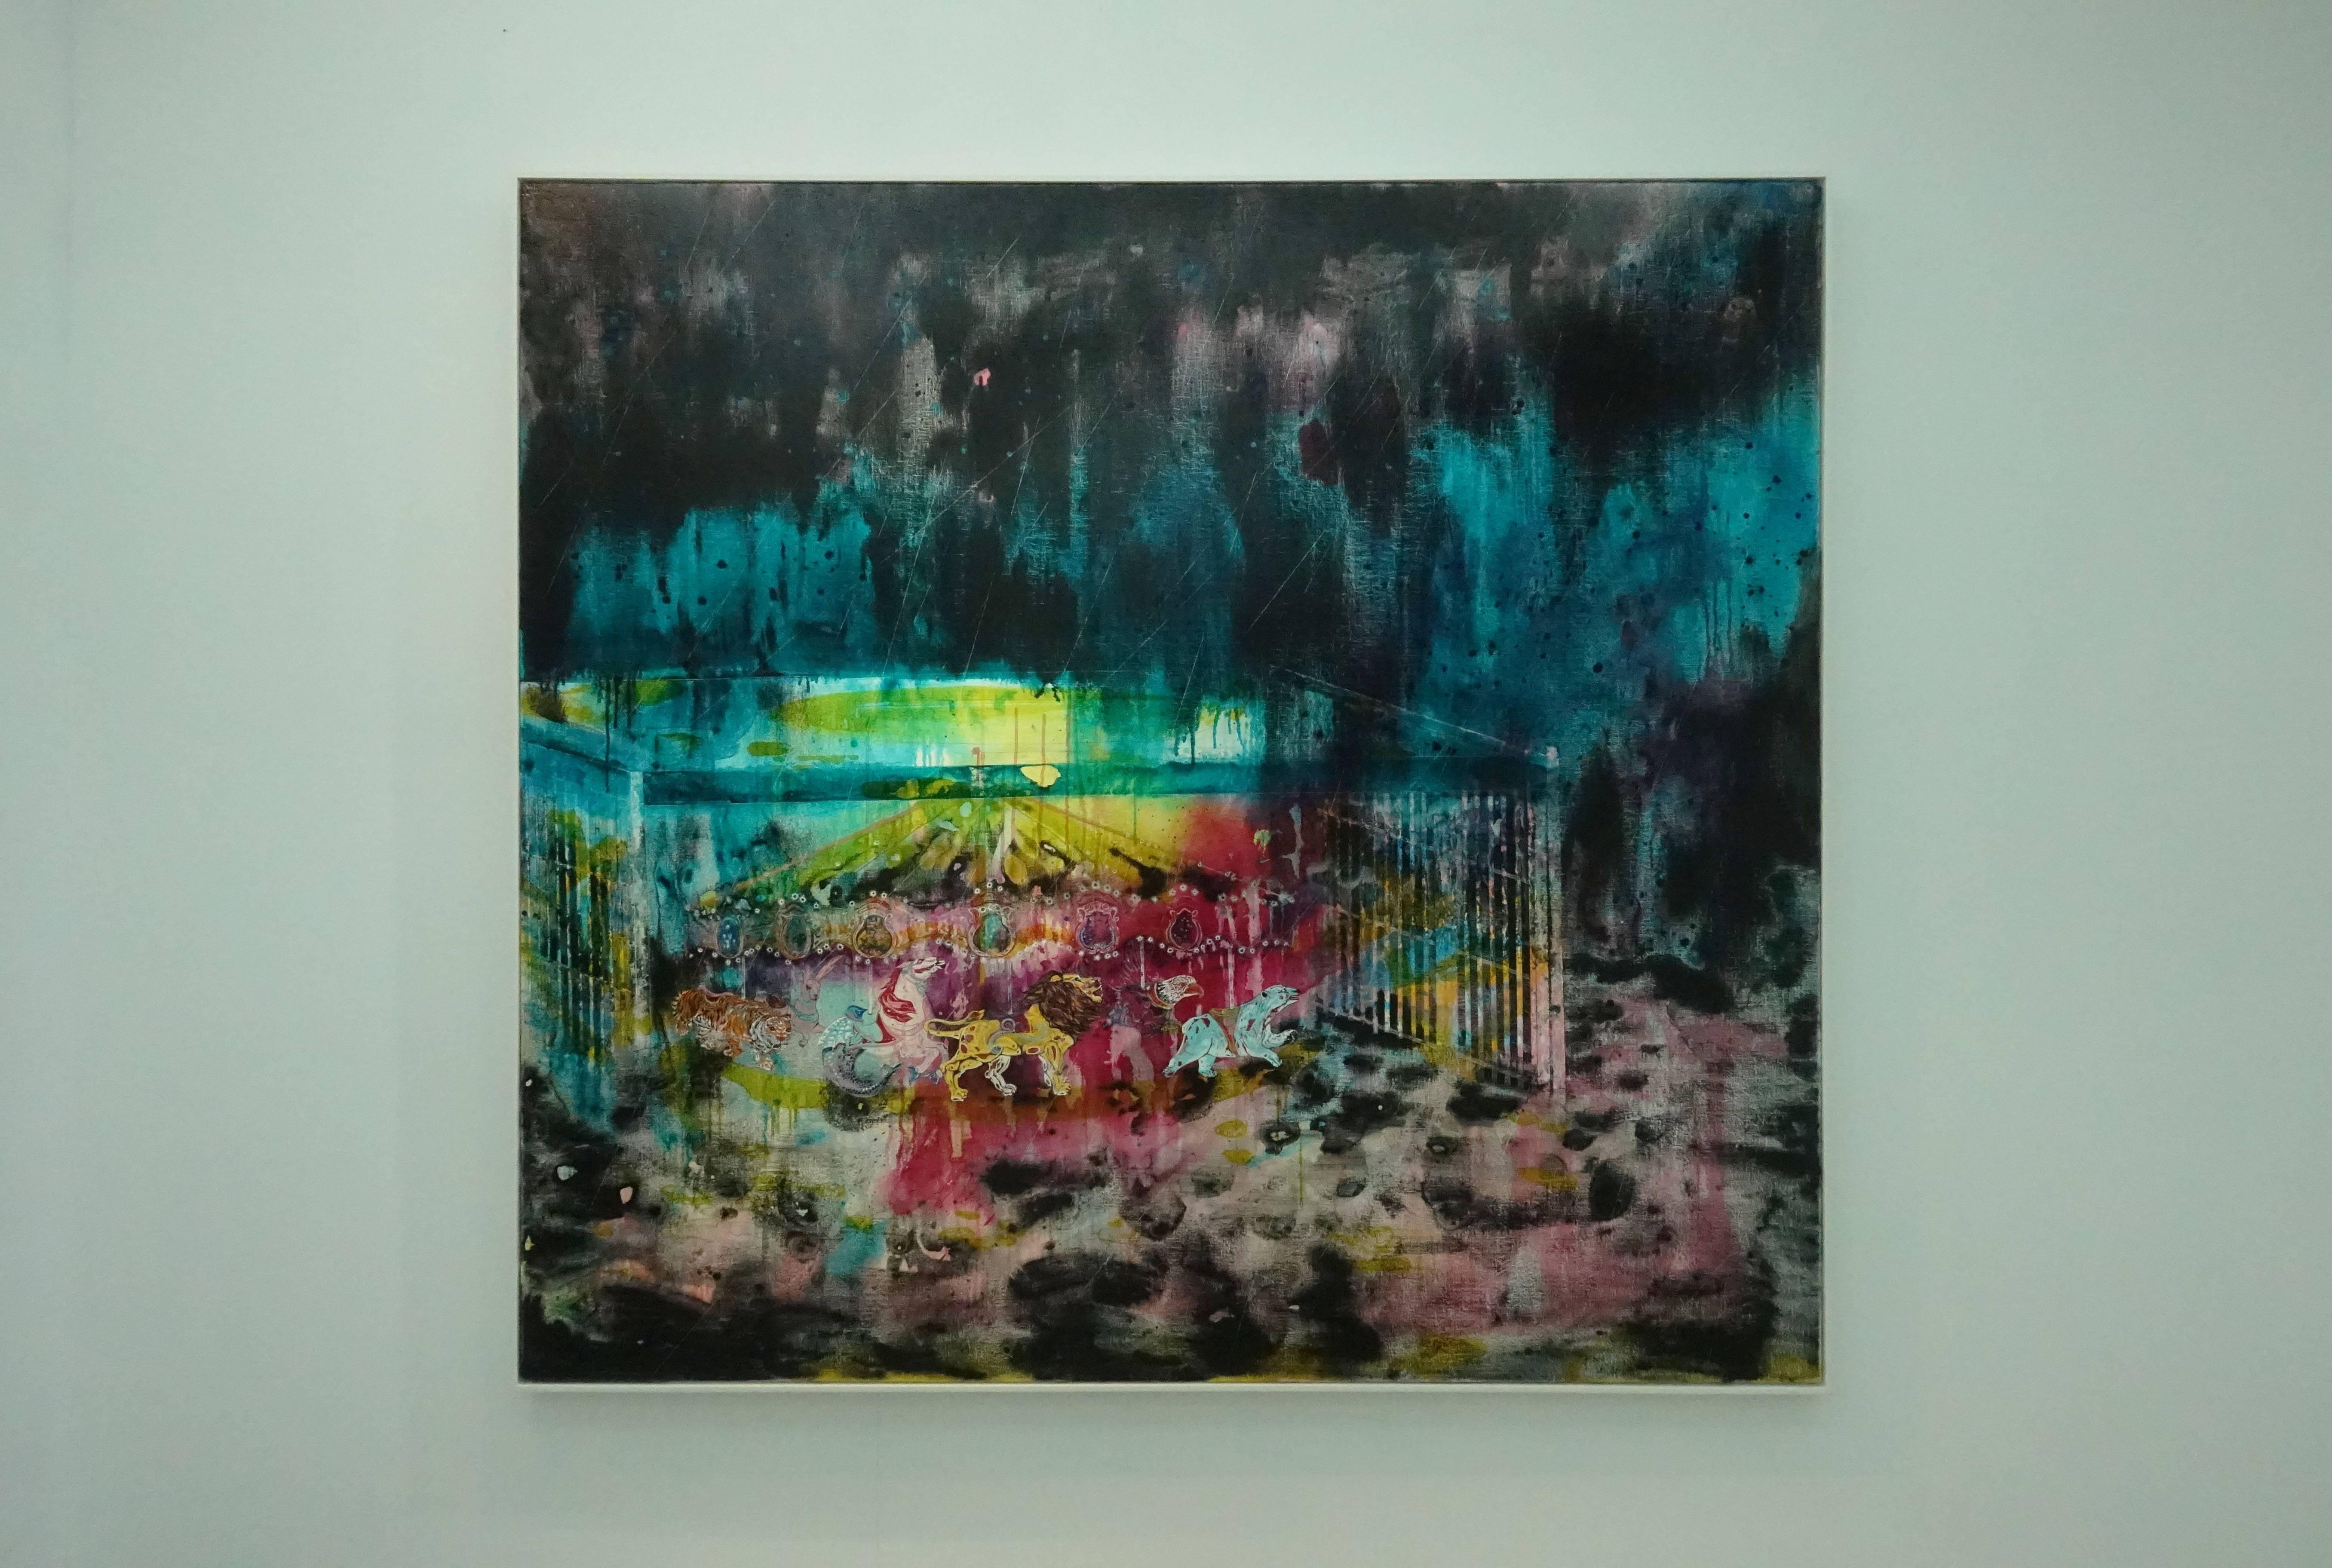 王亮尹,《霓虹的盡頭》,壓克力畫布,2018。